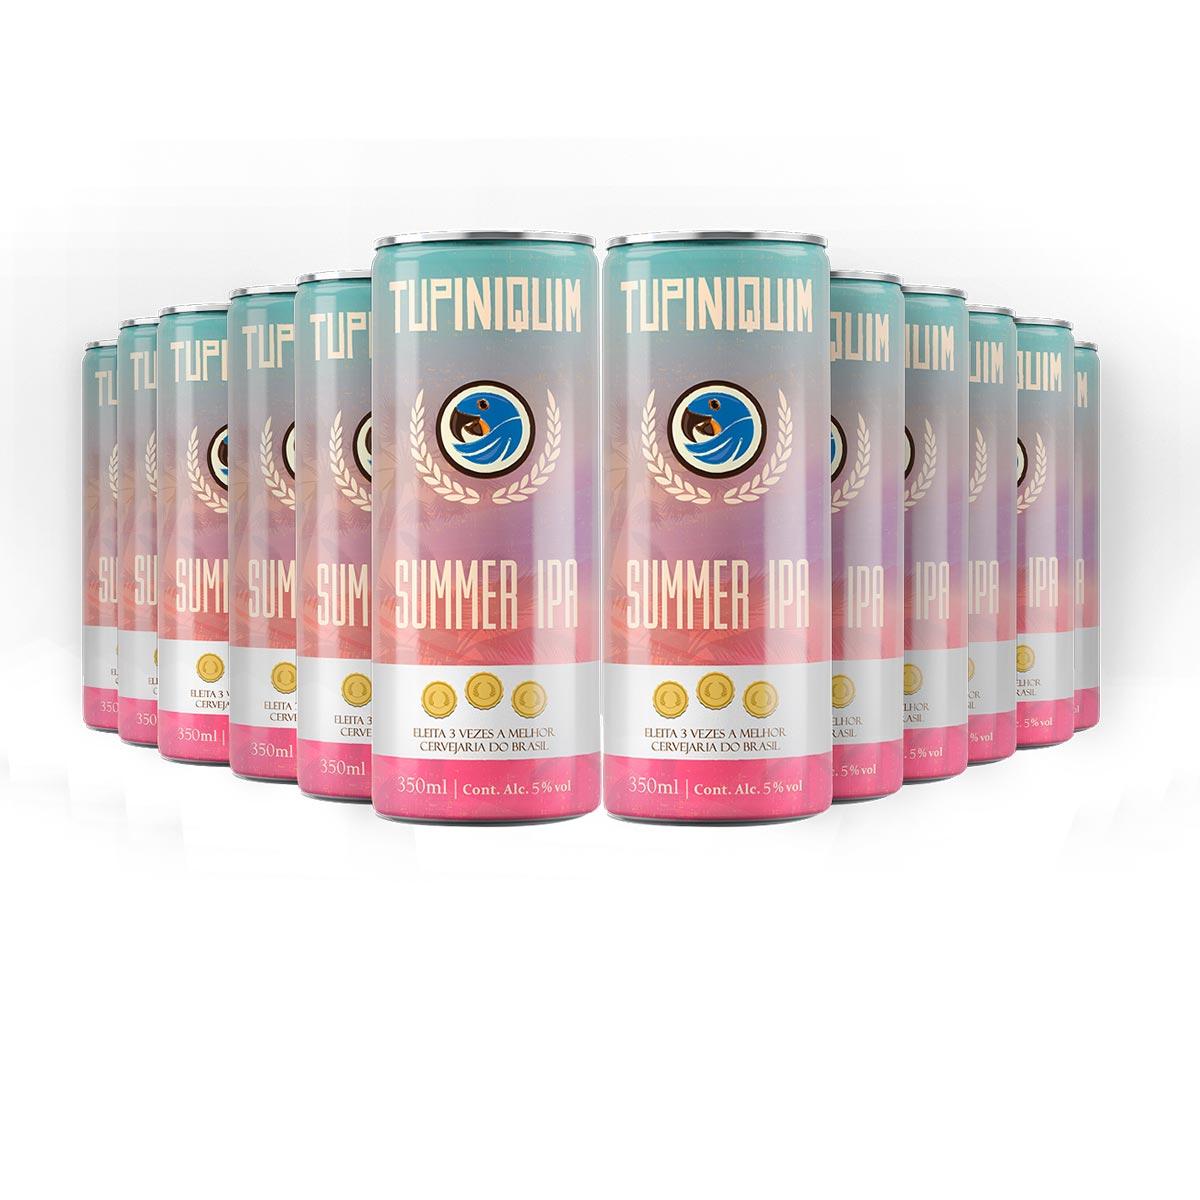 Pack Tupiniquim Summer IPA 12 cervejas 350ml  - RS BEER - Cervejas Gaúchas